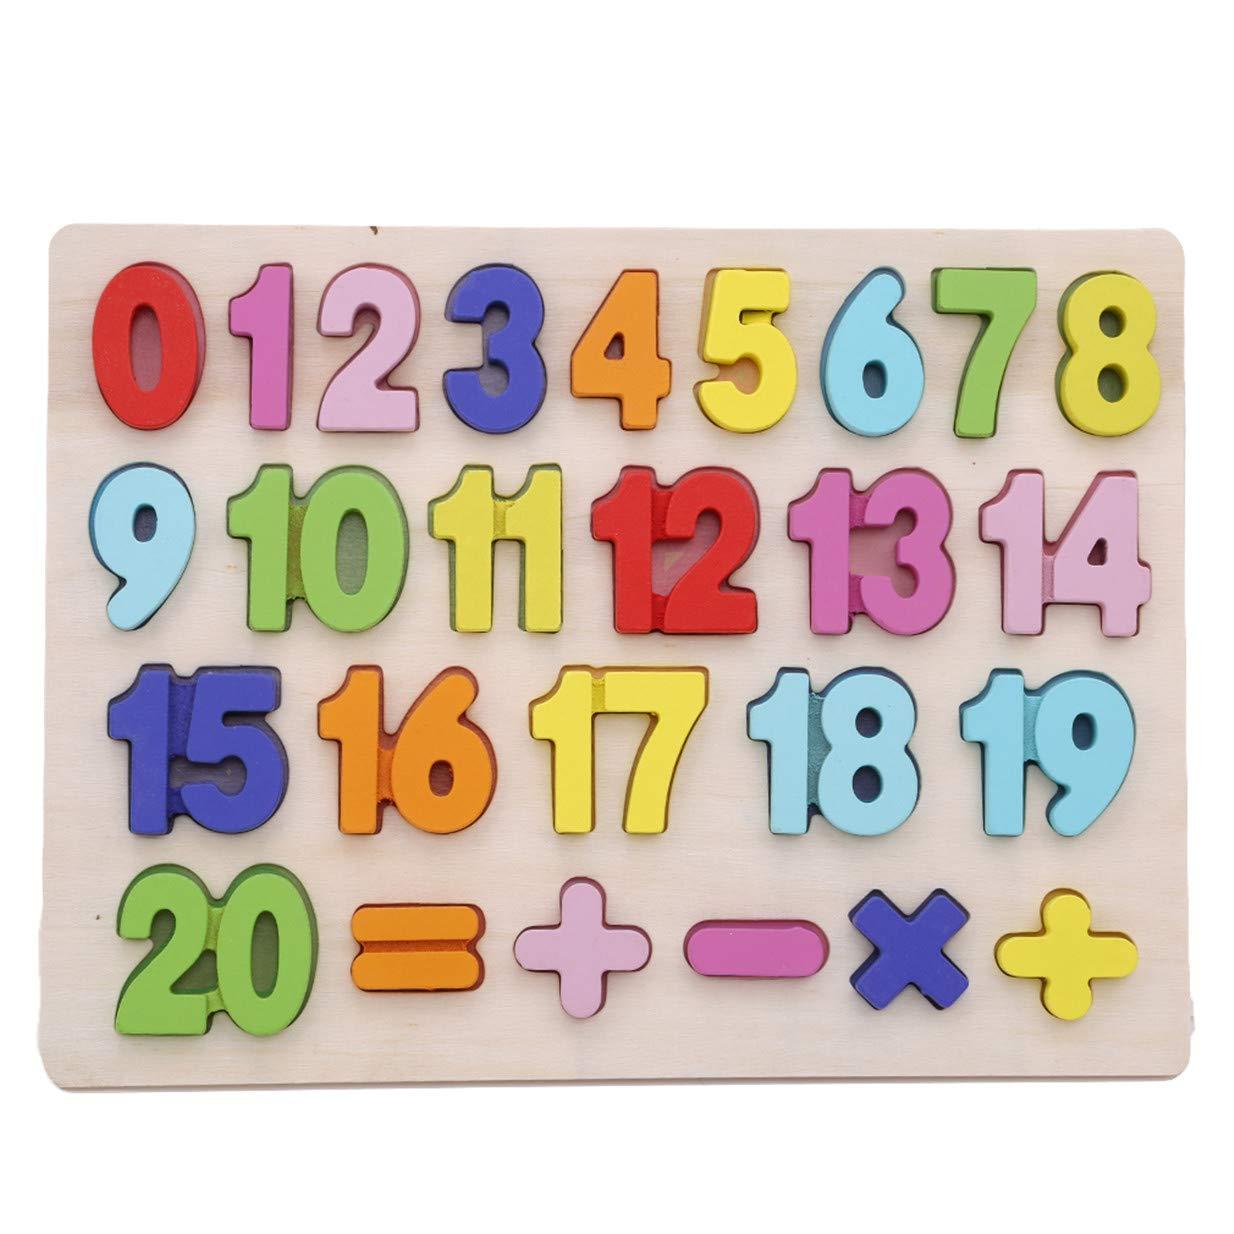 EJY Enfants Alphabet Apprendre Anglais Enfants en Bois Puzzles É ducation Pré coce Jouet(0-9 Chiffres) 88_Store